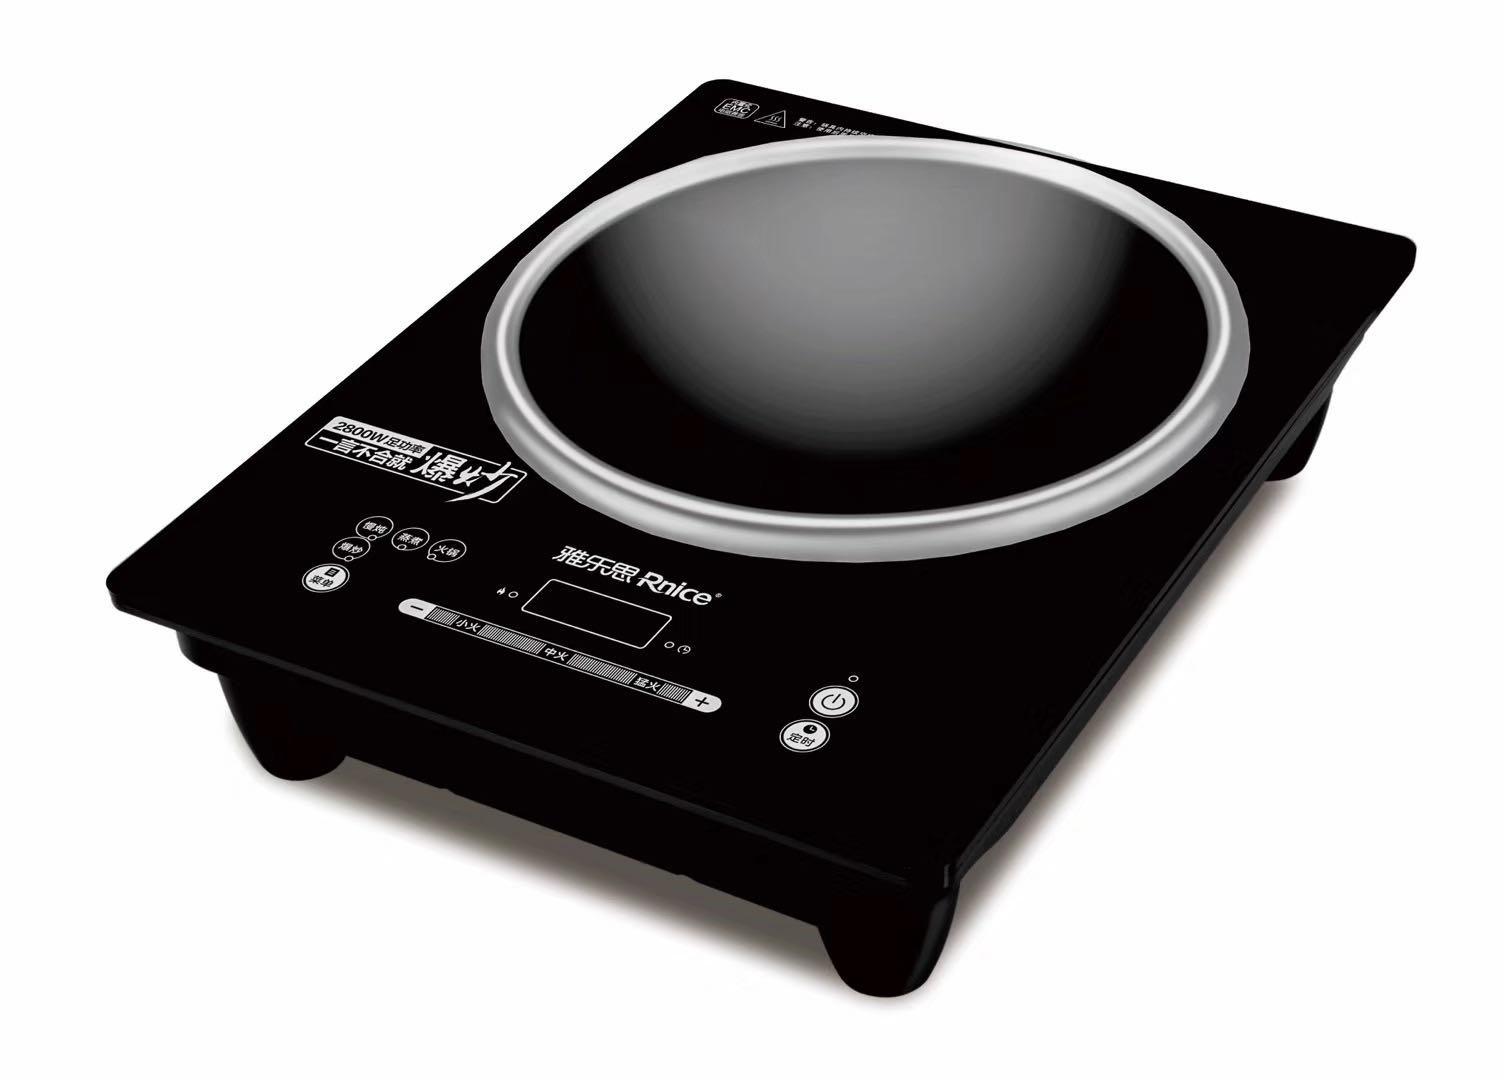 智能凹型电磁灶  CF28B   货号H300